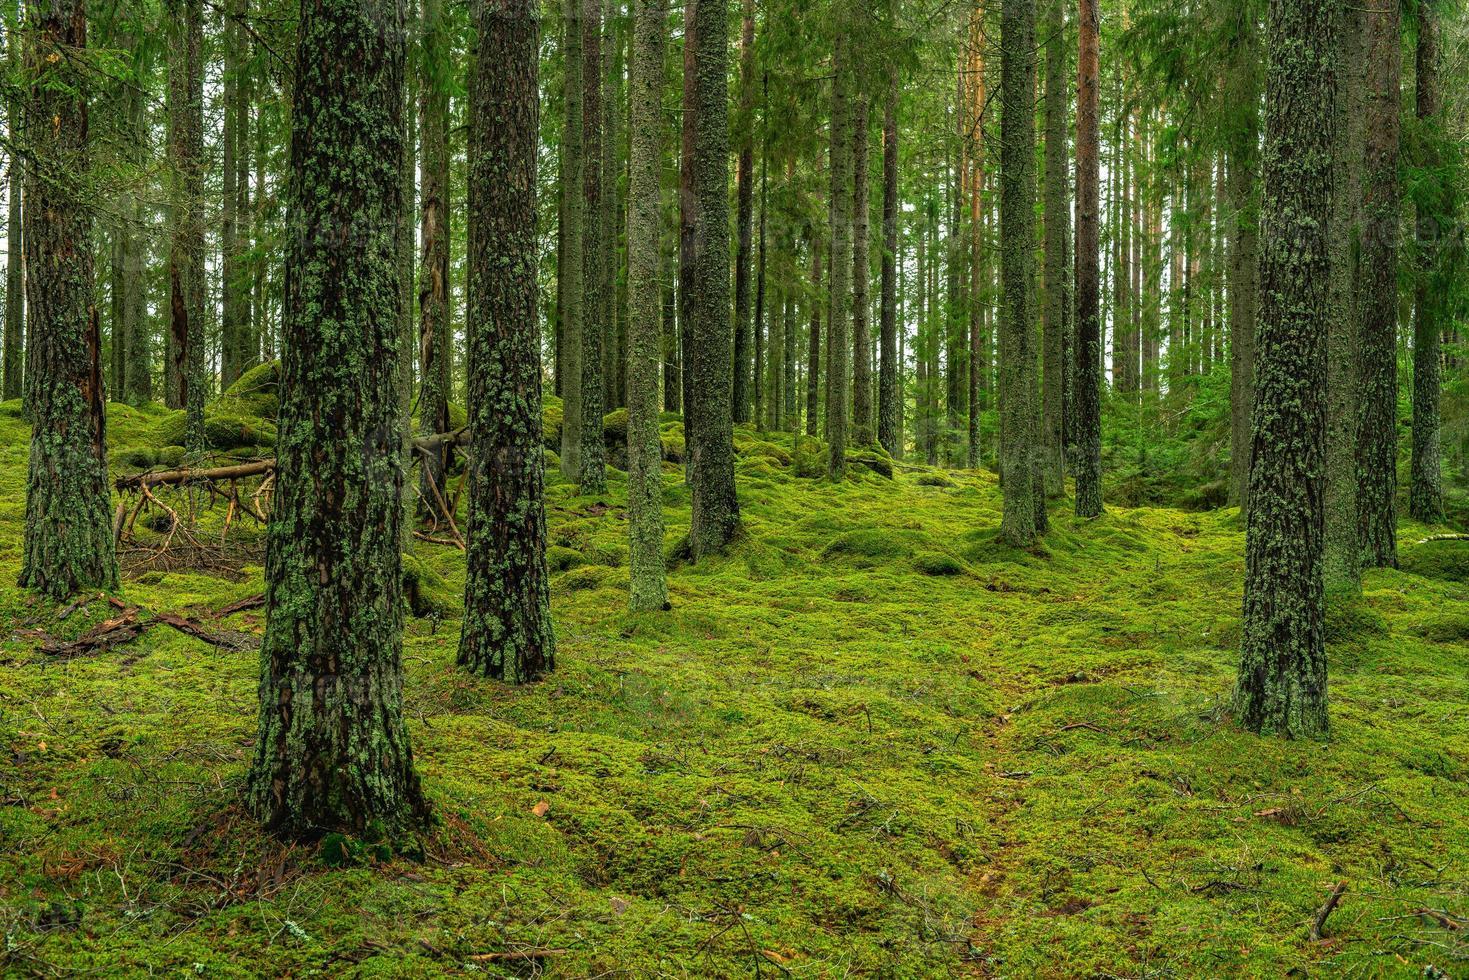 bella foresta di pini e abeti con muschio sul suolo della foresta foto